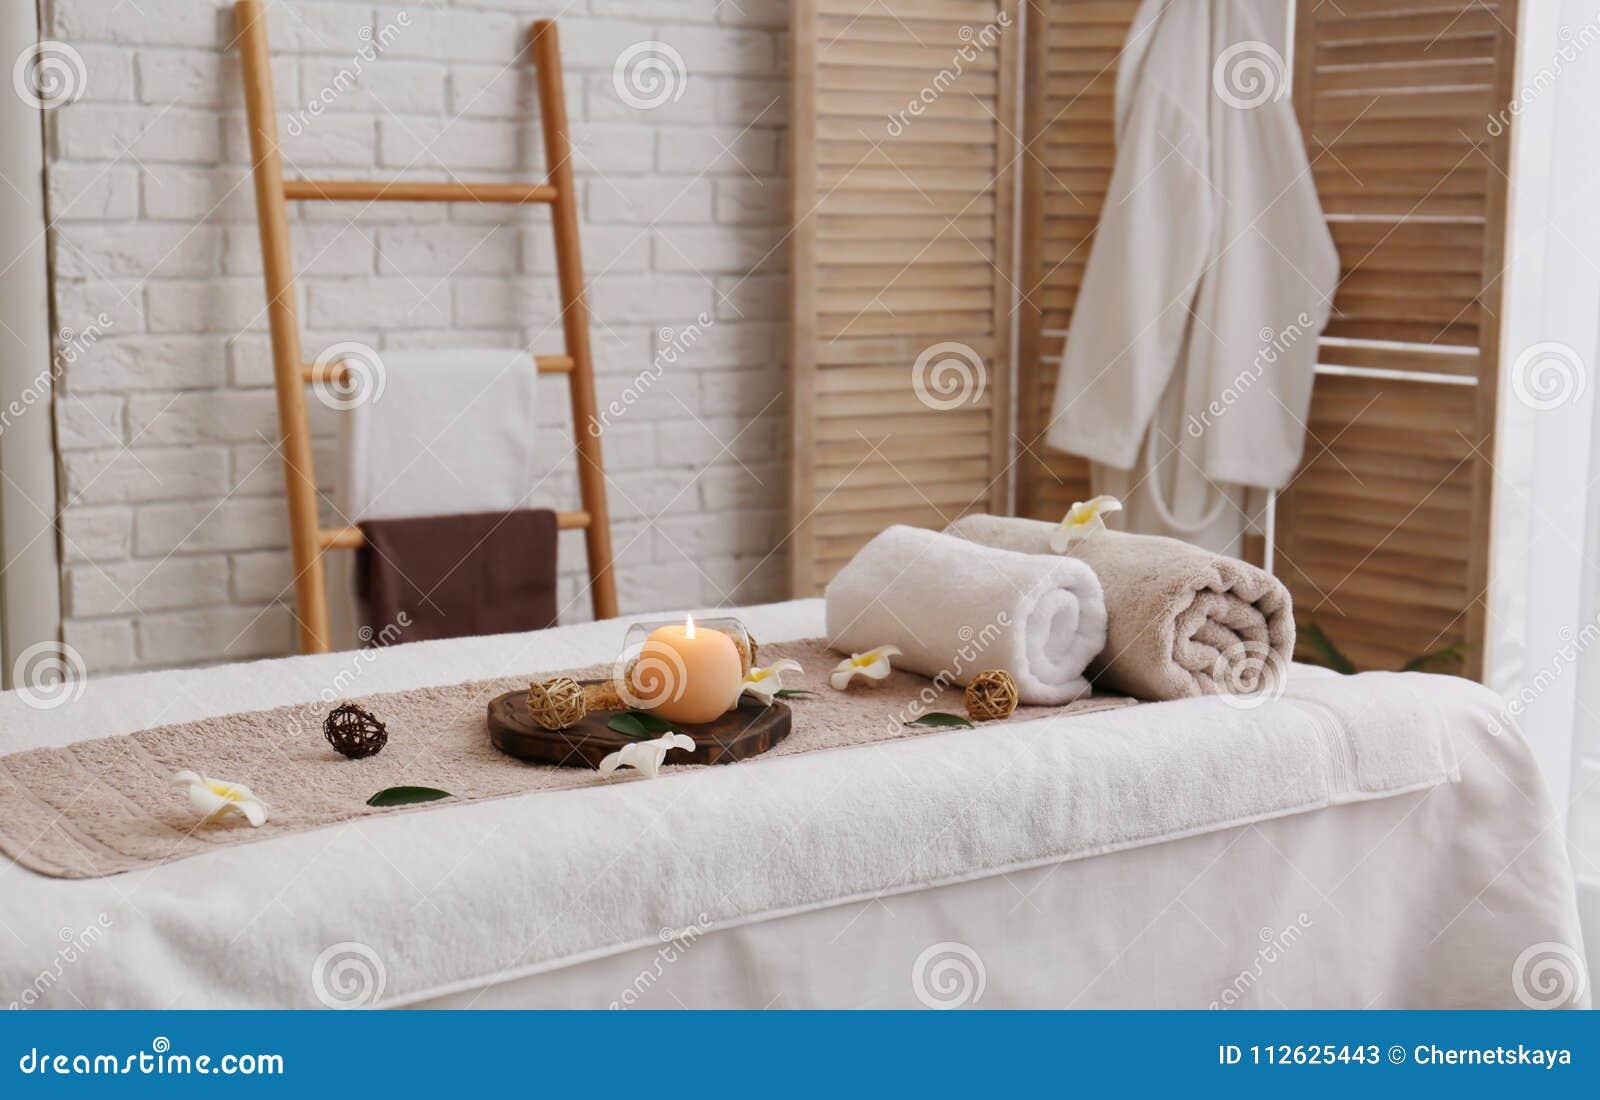 按摩与毛巾、蜡烛和海盐的桌在温泉沙龙